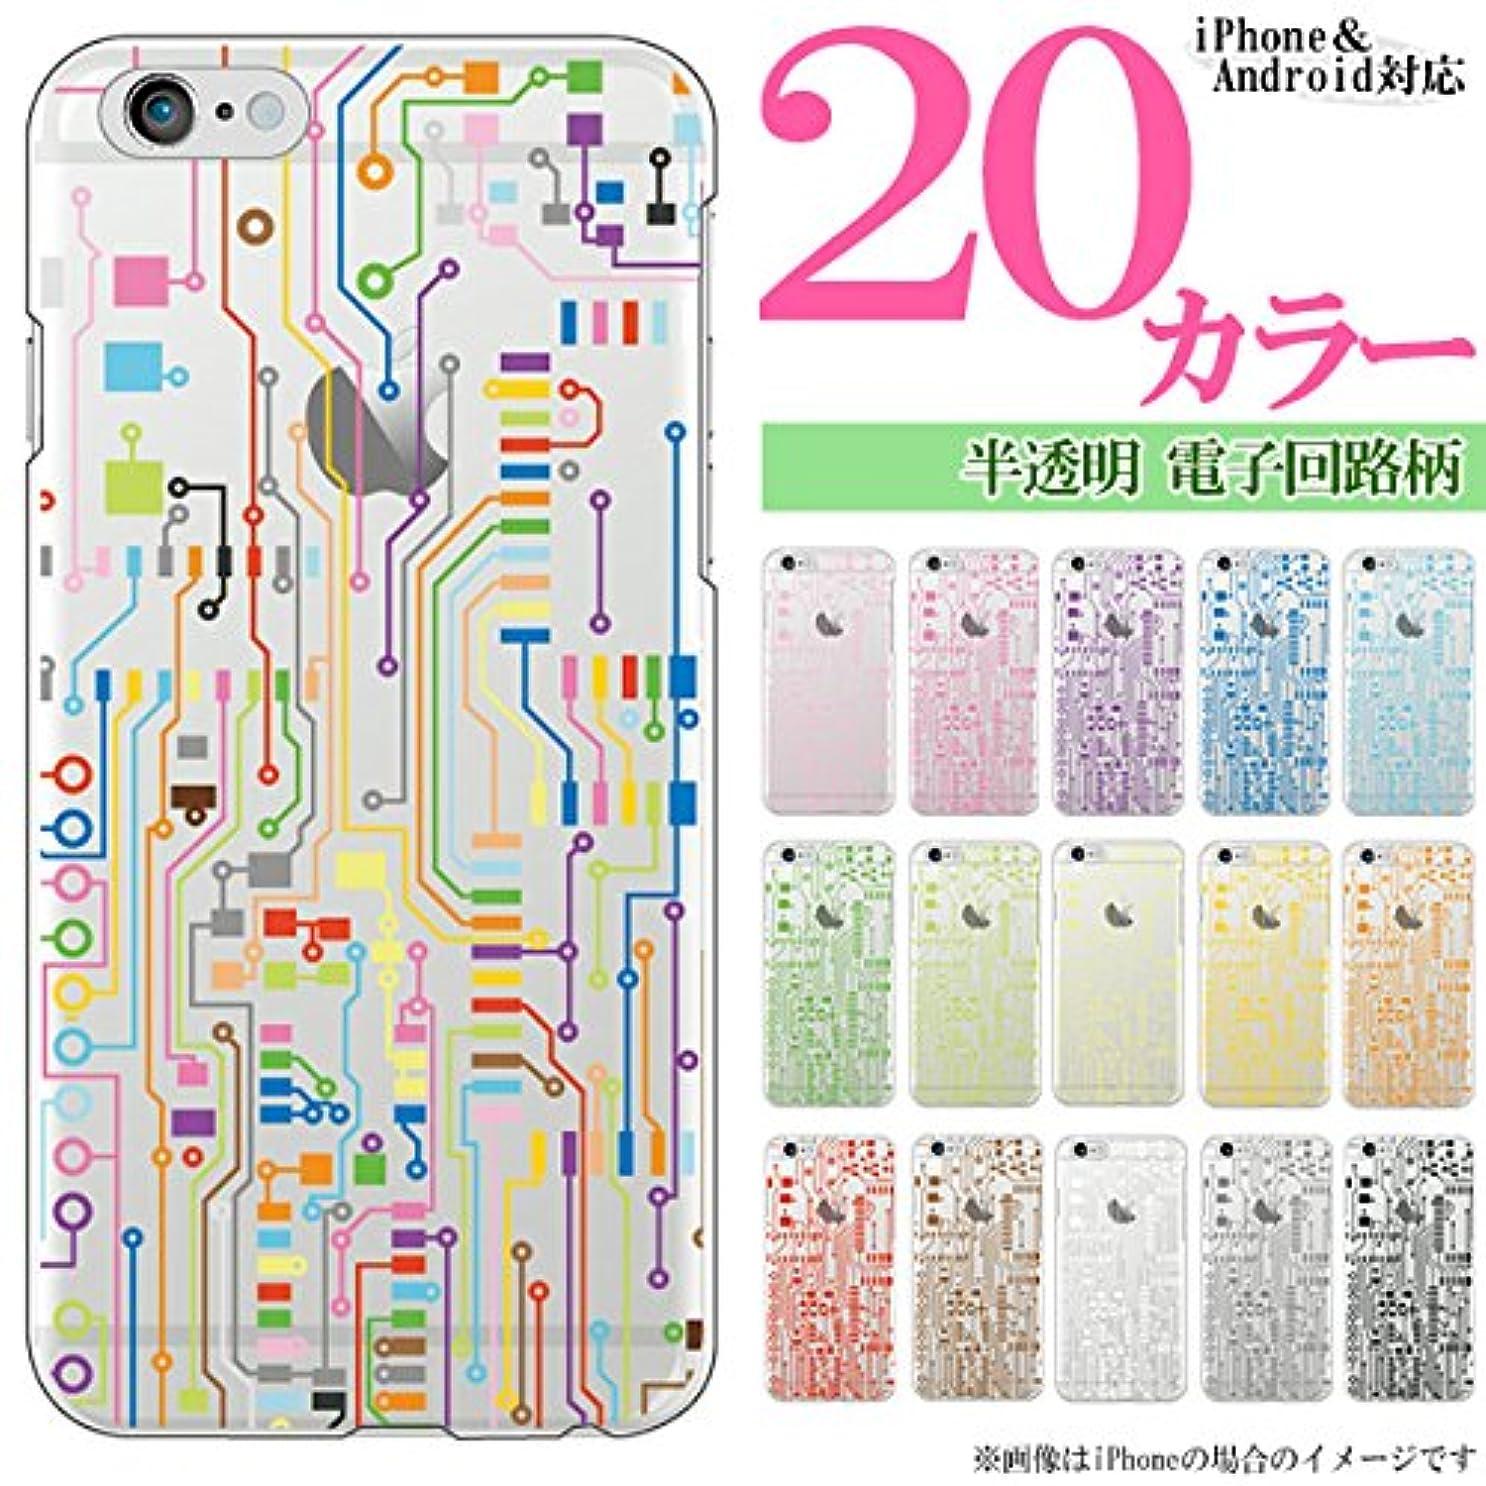 インディカはちみつ傘iPod touch7 touch6 (第7世代 第6世代) 共通 スマホケース カバー 半透明 電子回路柄 【J】黄色 ハードケース